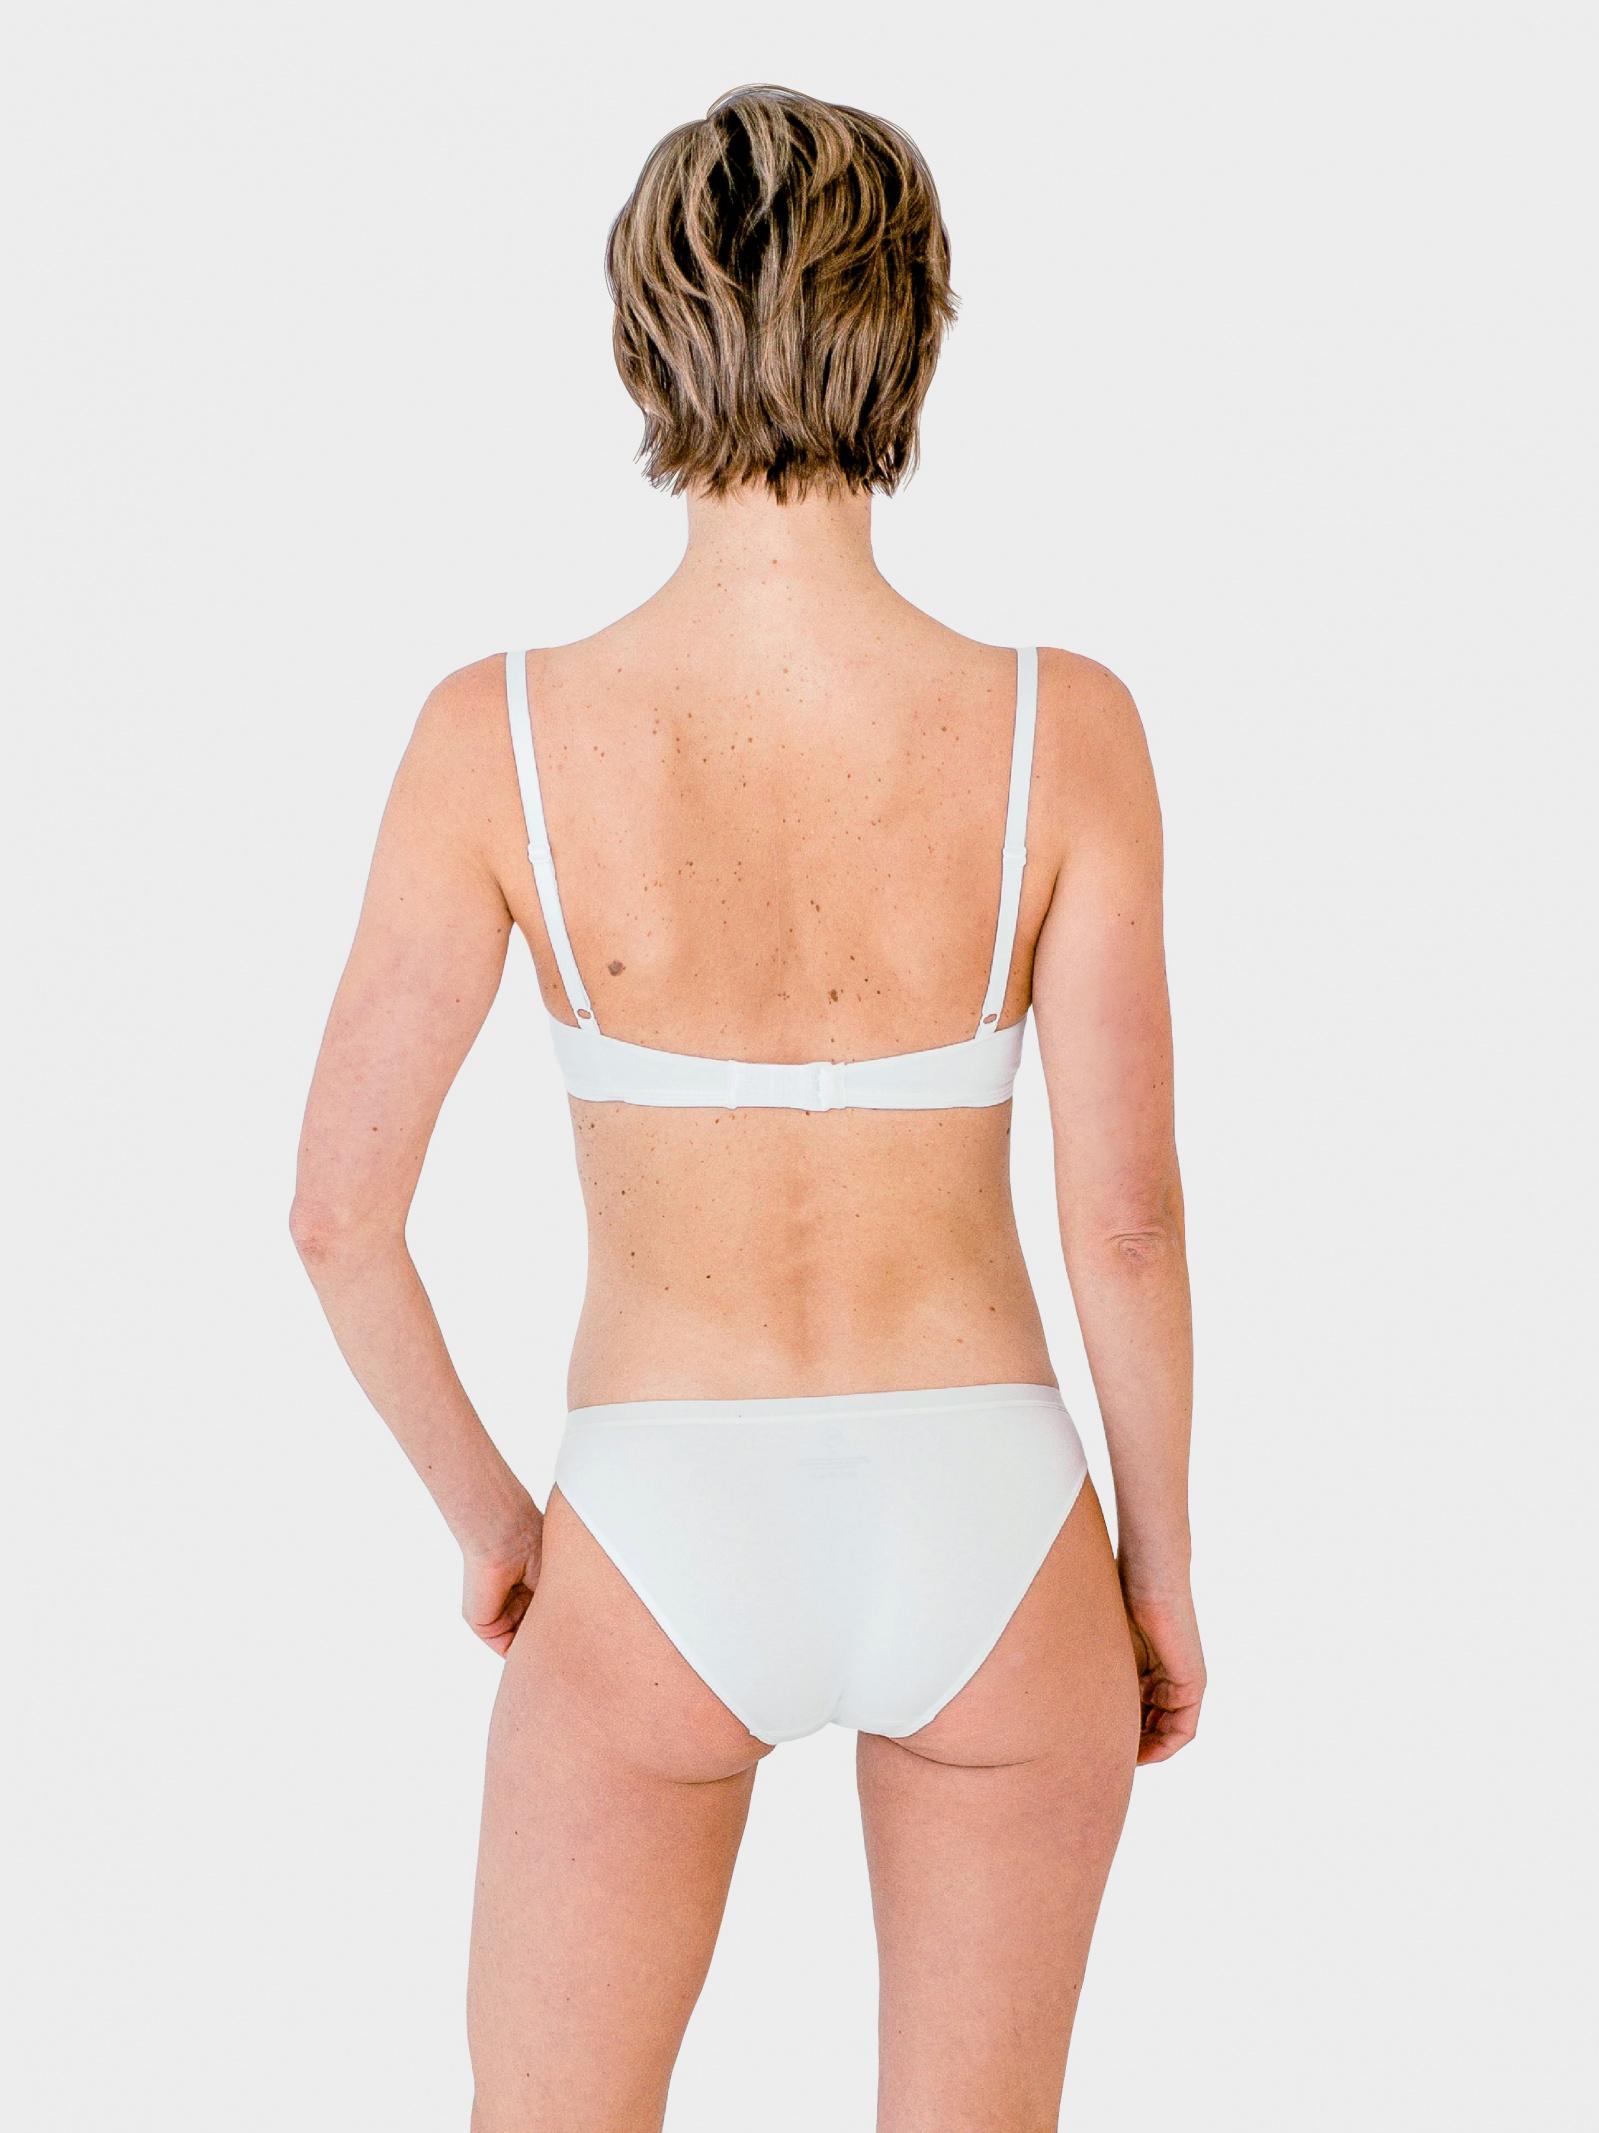 SMPL Underwear Спідня білизна жіночі модель sl.w.02.white ціна, 2017